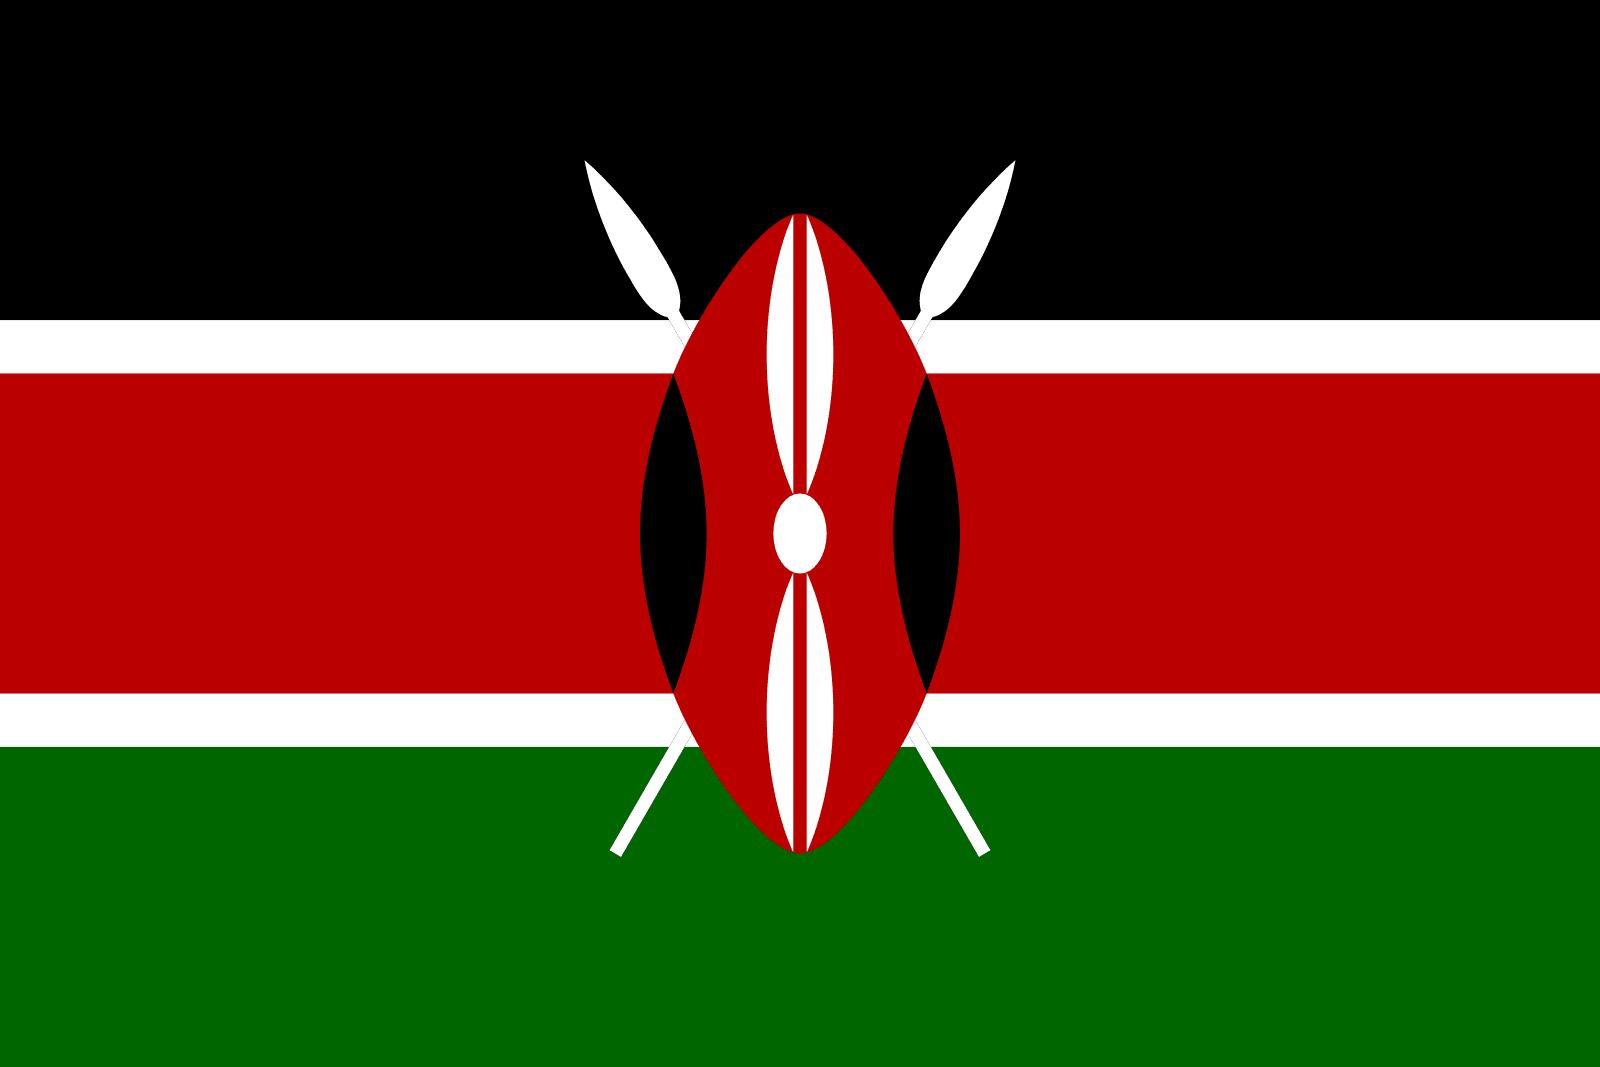 Kenya'nın Başkenti ve Para Birimi Nedir? Kenya'nın Bayrağı Nasıldır?